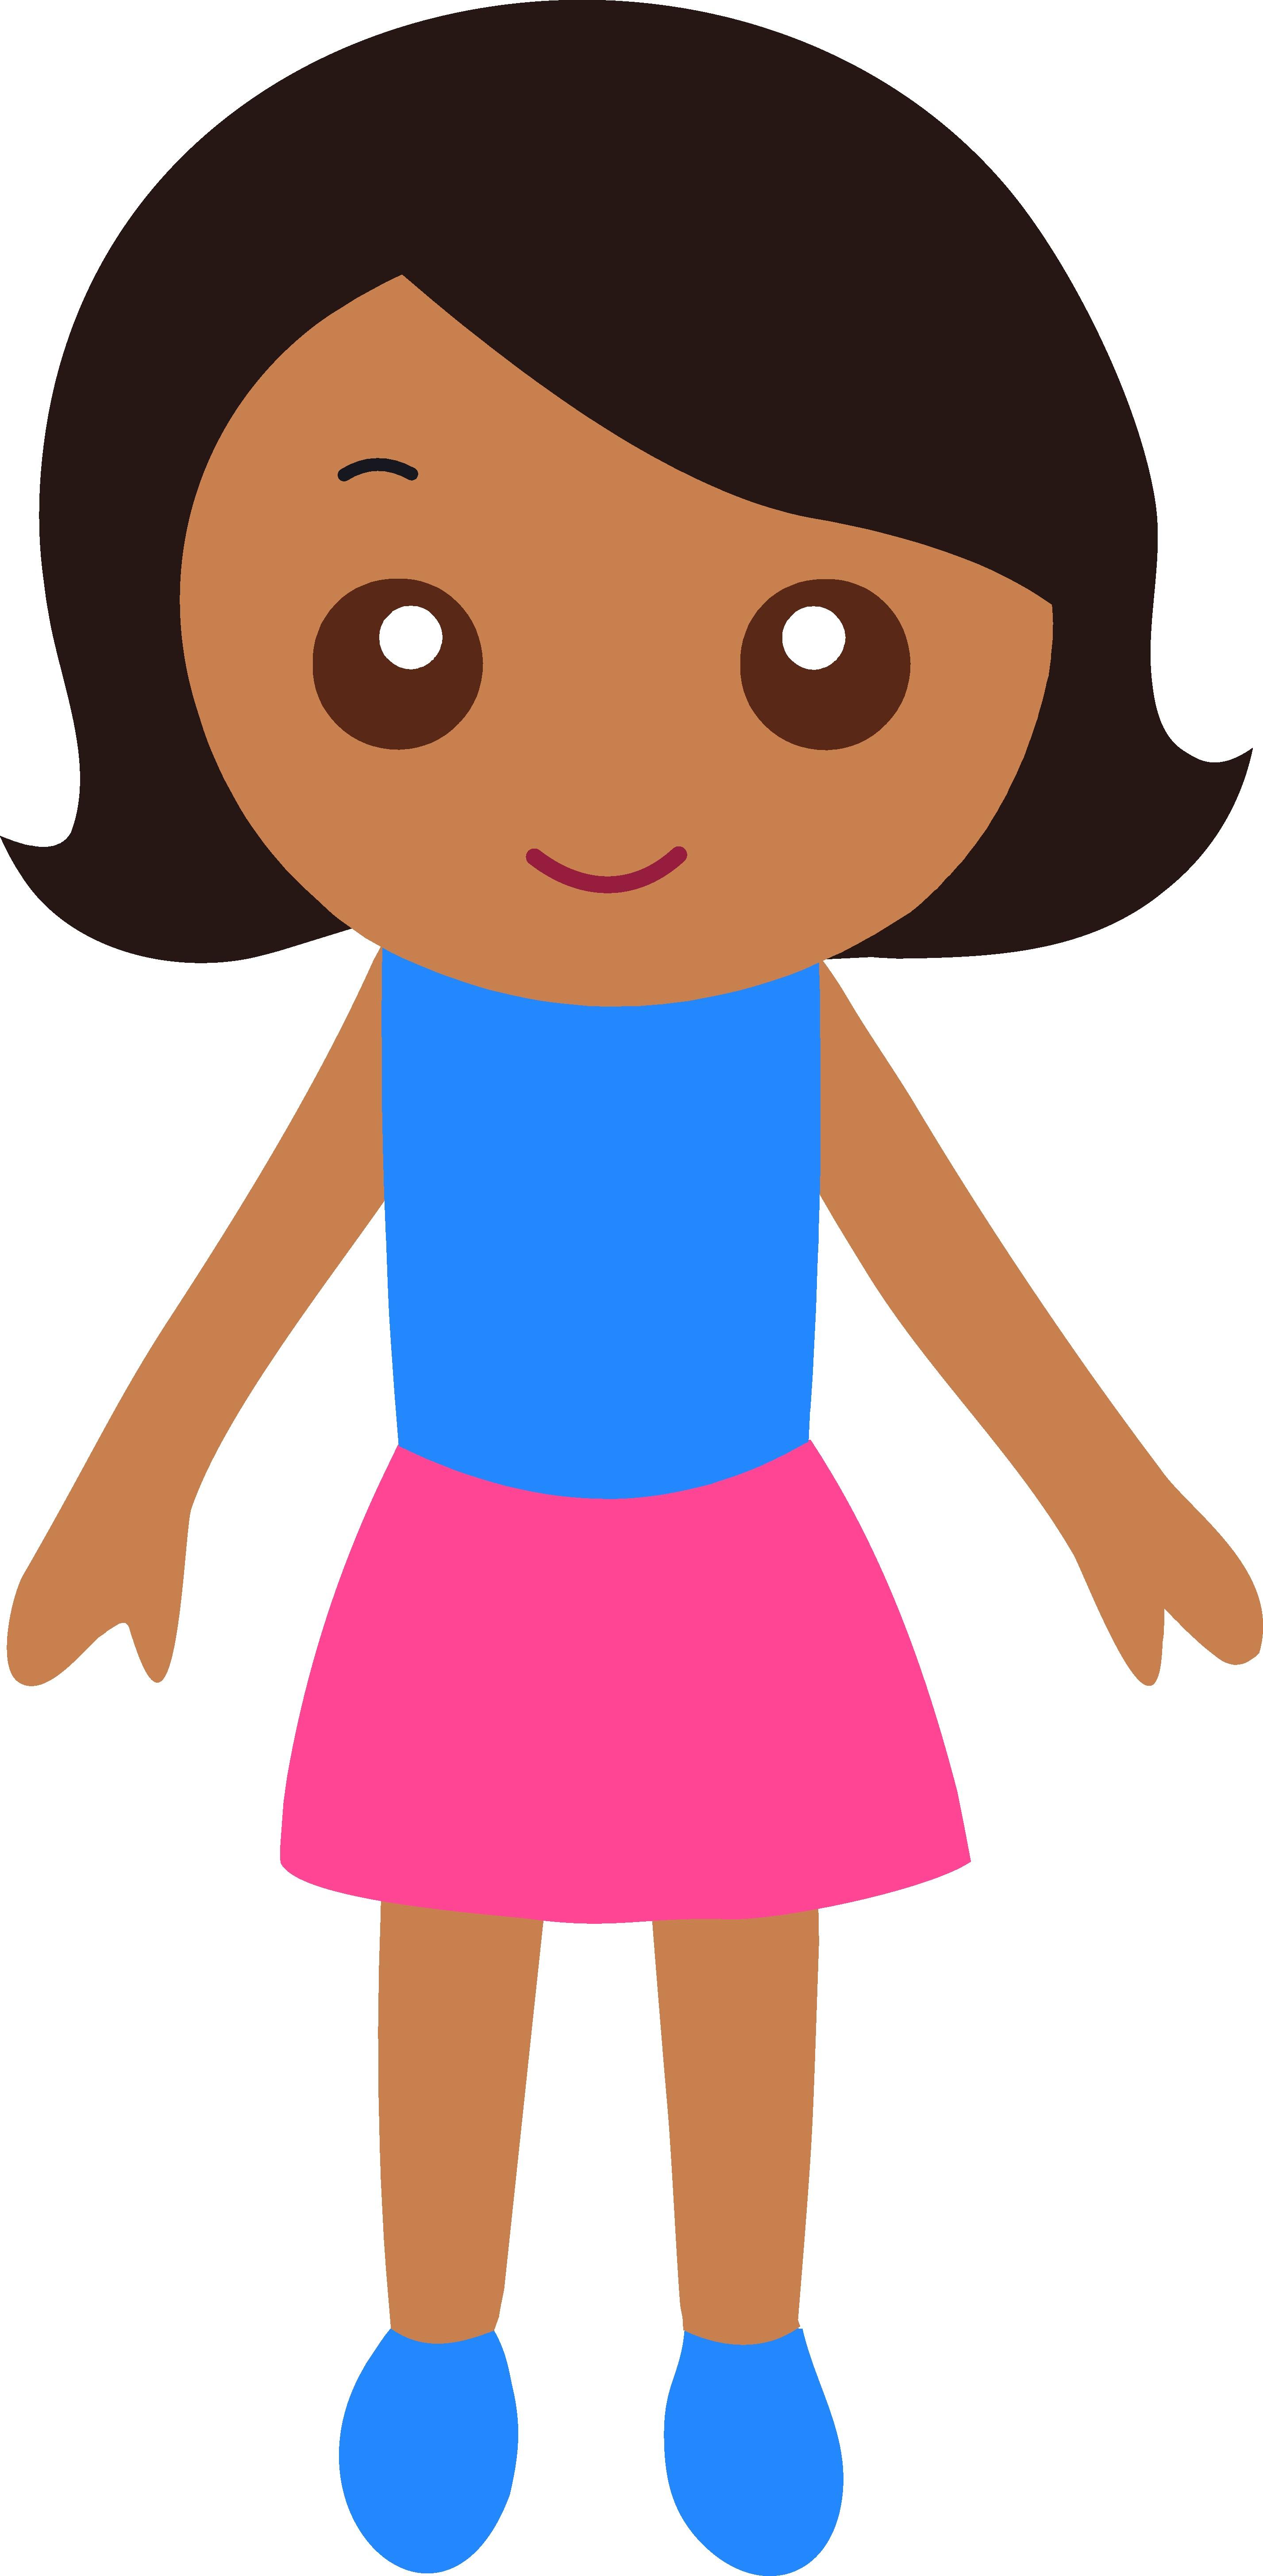 Little black girl clipart 5 » Clipart Station.